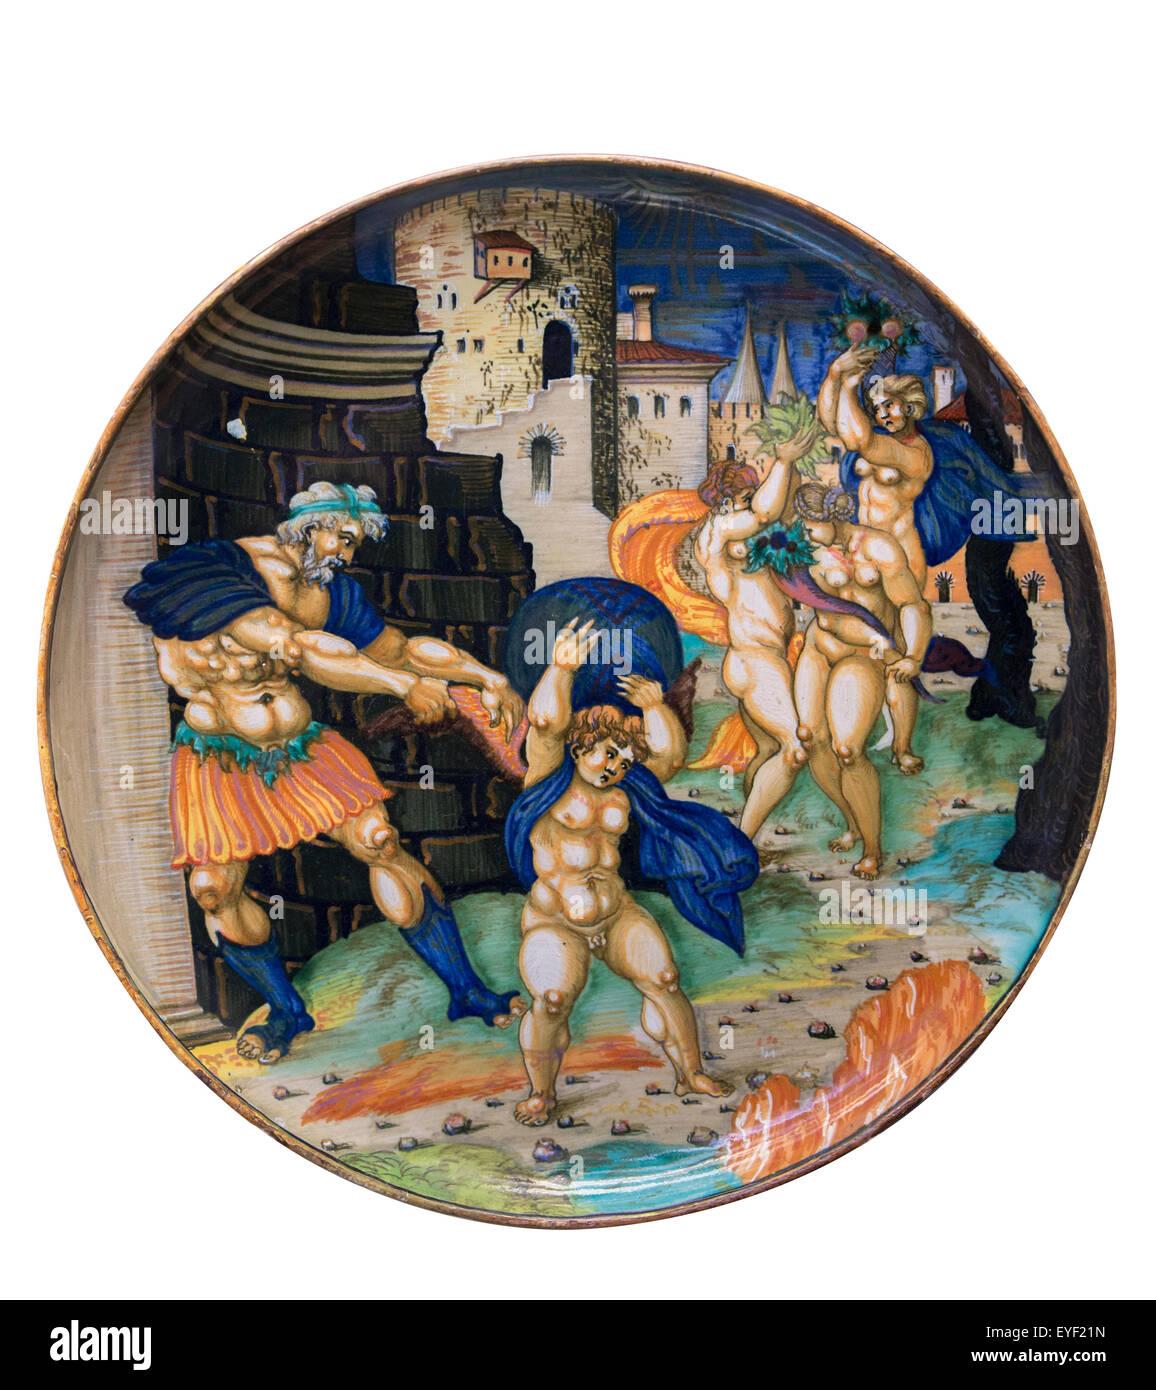 Gericht, eine politische Allegorie. Eingetragen von Guilio da Urbino 1534, wahrscheinlich in Urbino, durch eine Stockbild